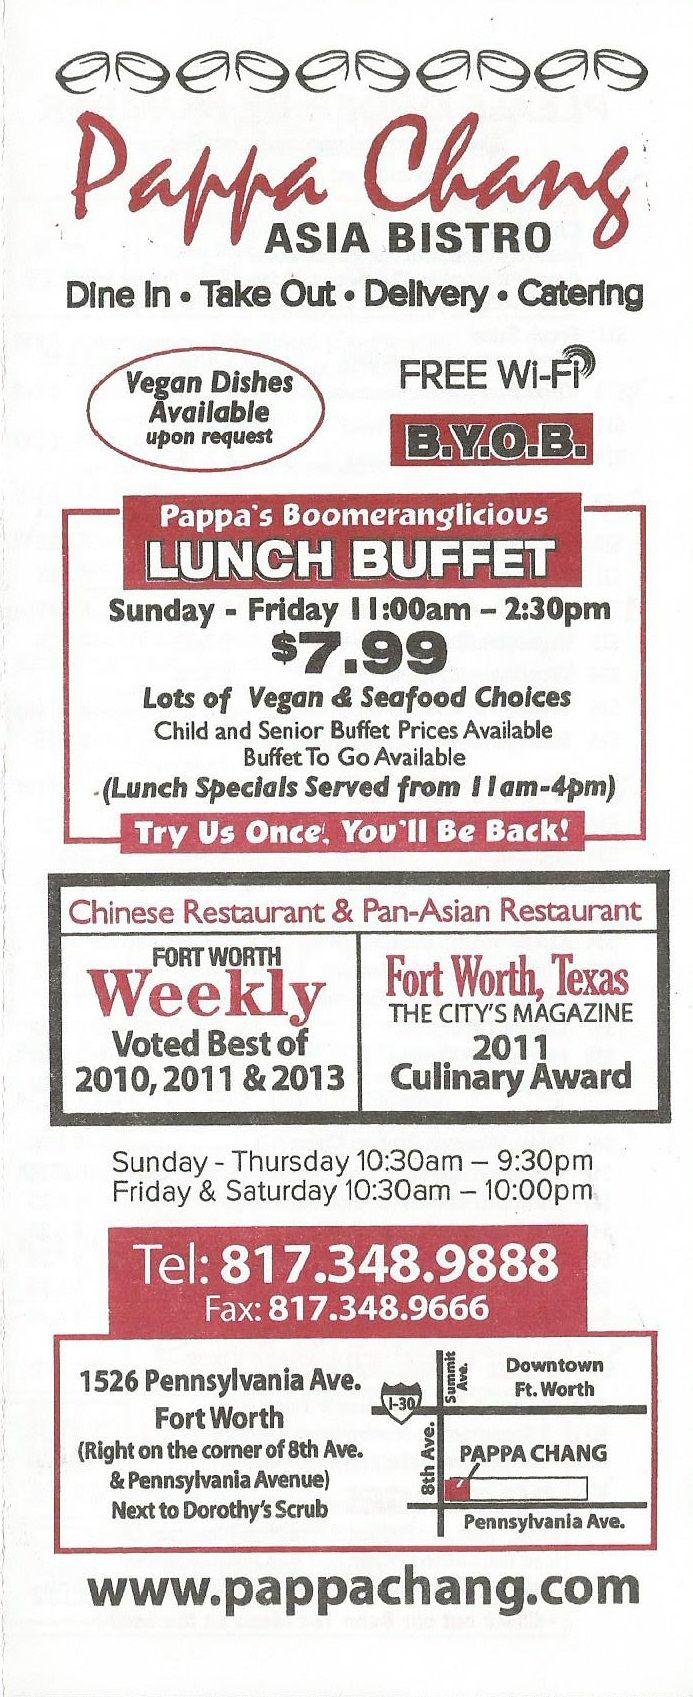 42 best Fort Worth Restaurants images on Pinterest   Castles, Forts ...